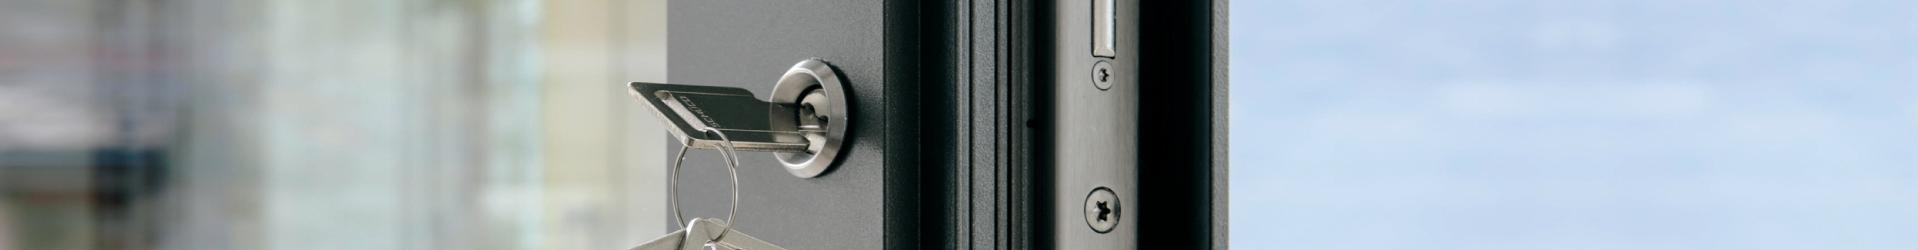 Sicurezza: controllo apertura varchi tramite Sonoff RF Bridge e Home Assistant